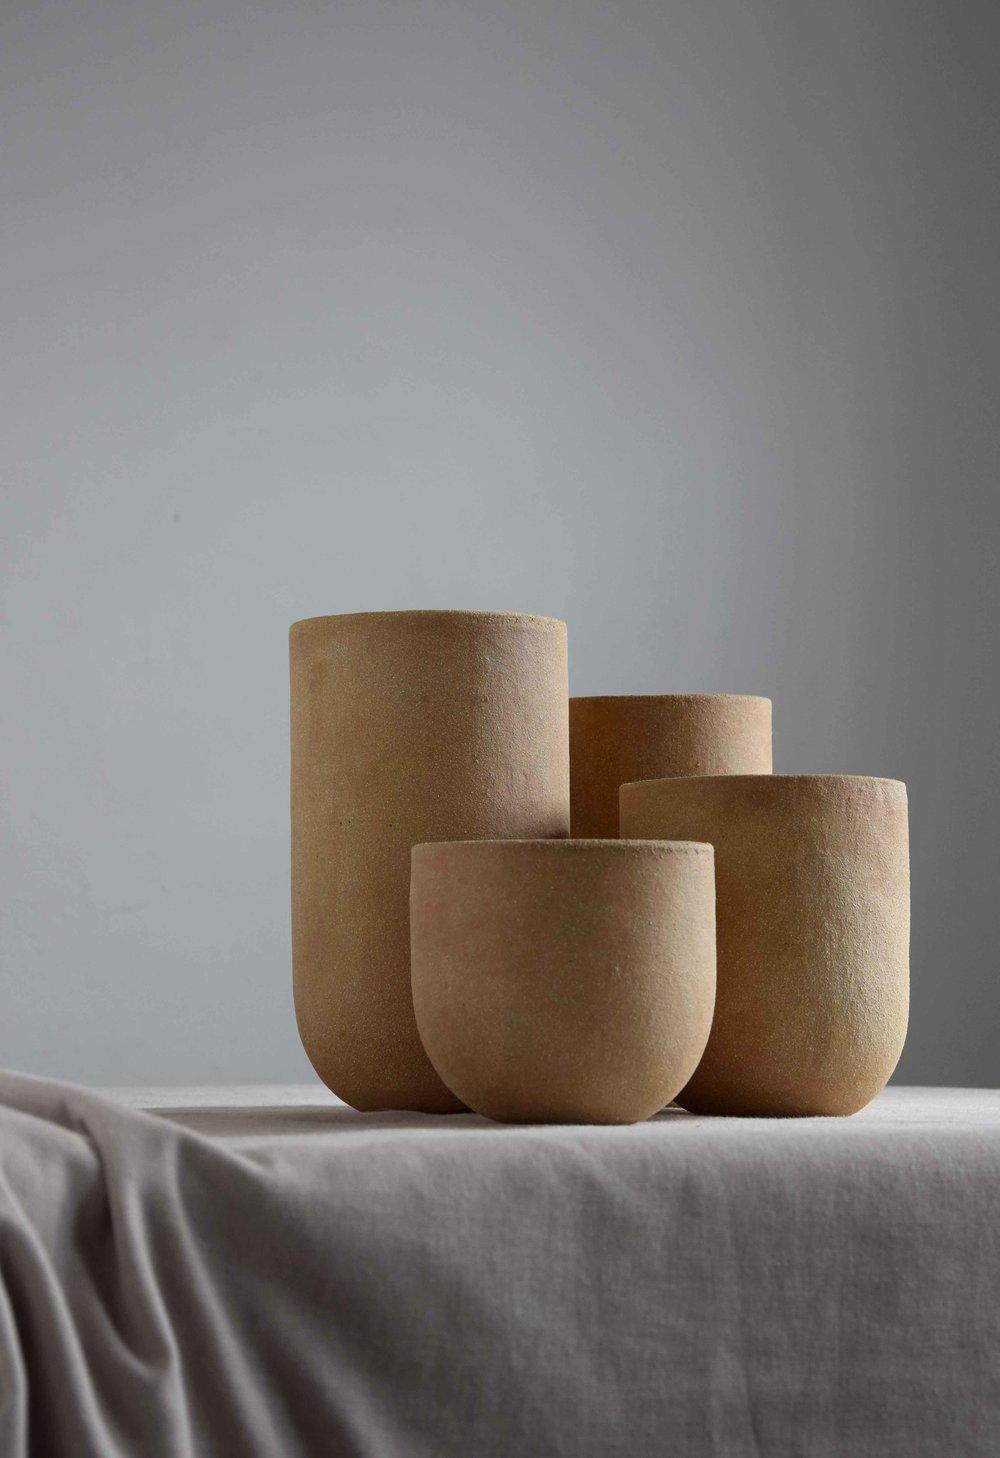 sandvases3-still-studiokryszewski.jpg